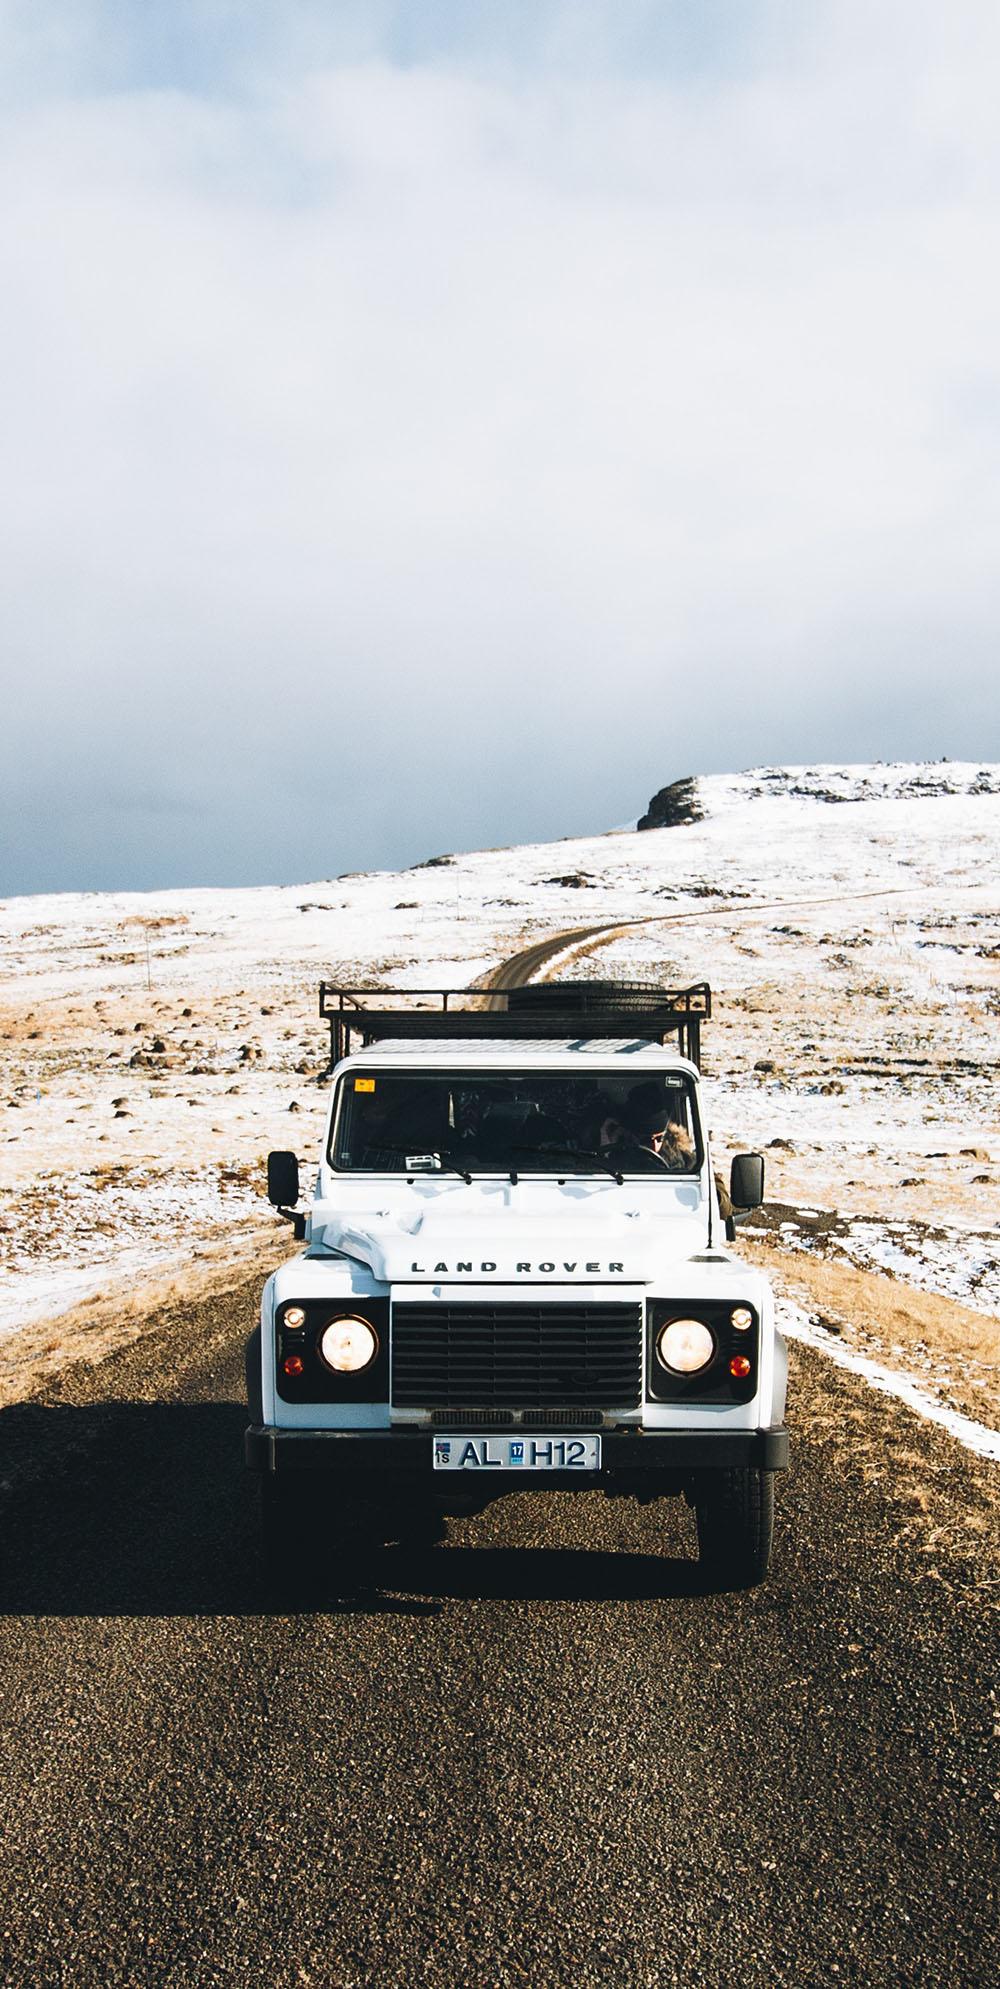 Land Rover Gebrauchtwagen kaufen